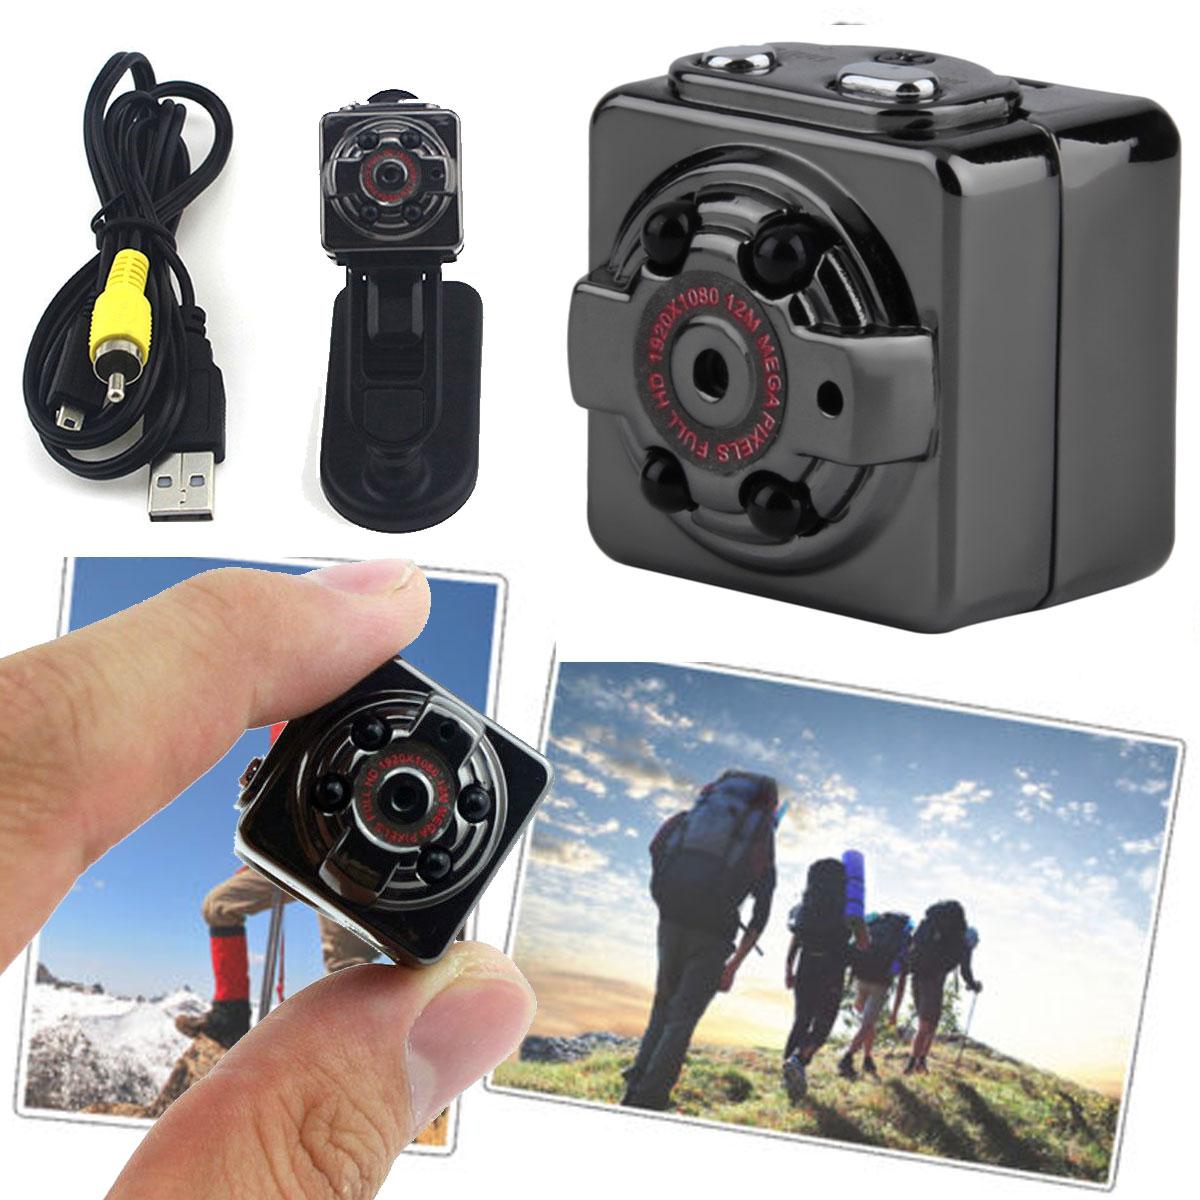 Apleok SQ11 SQ8 Mini Kamera Recorder HD 1080 P 720 P Mini DV Kamera Camcorder Infrarot-nachtsicht Video Recorder Unterstützung TF karte